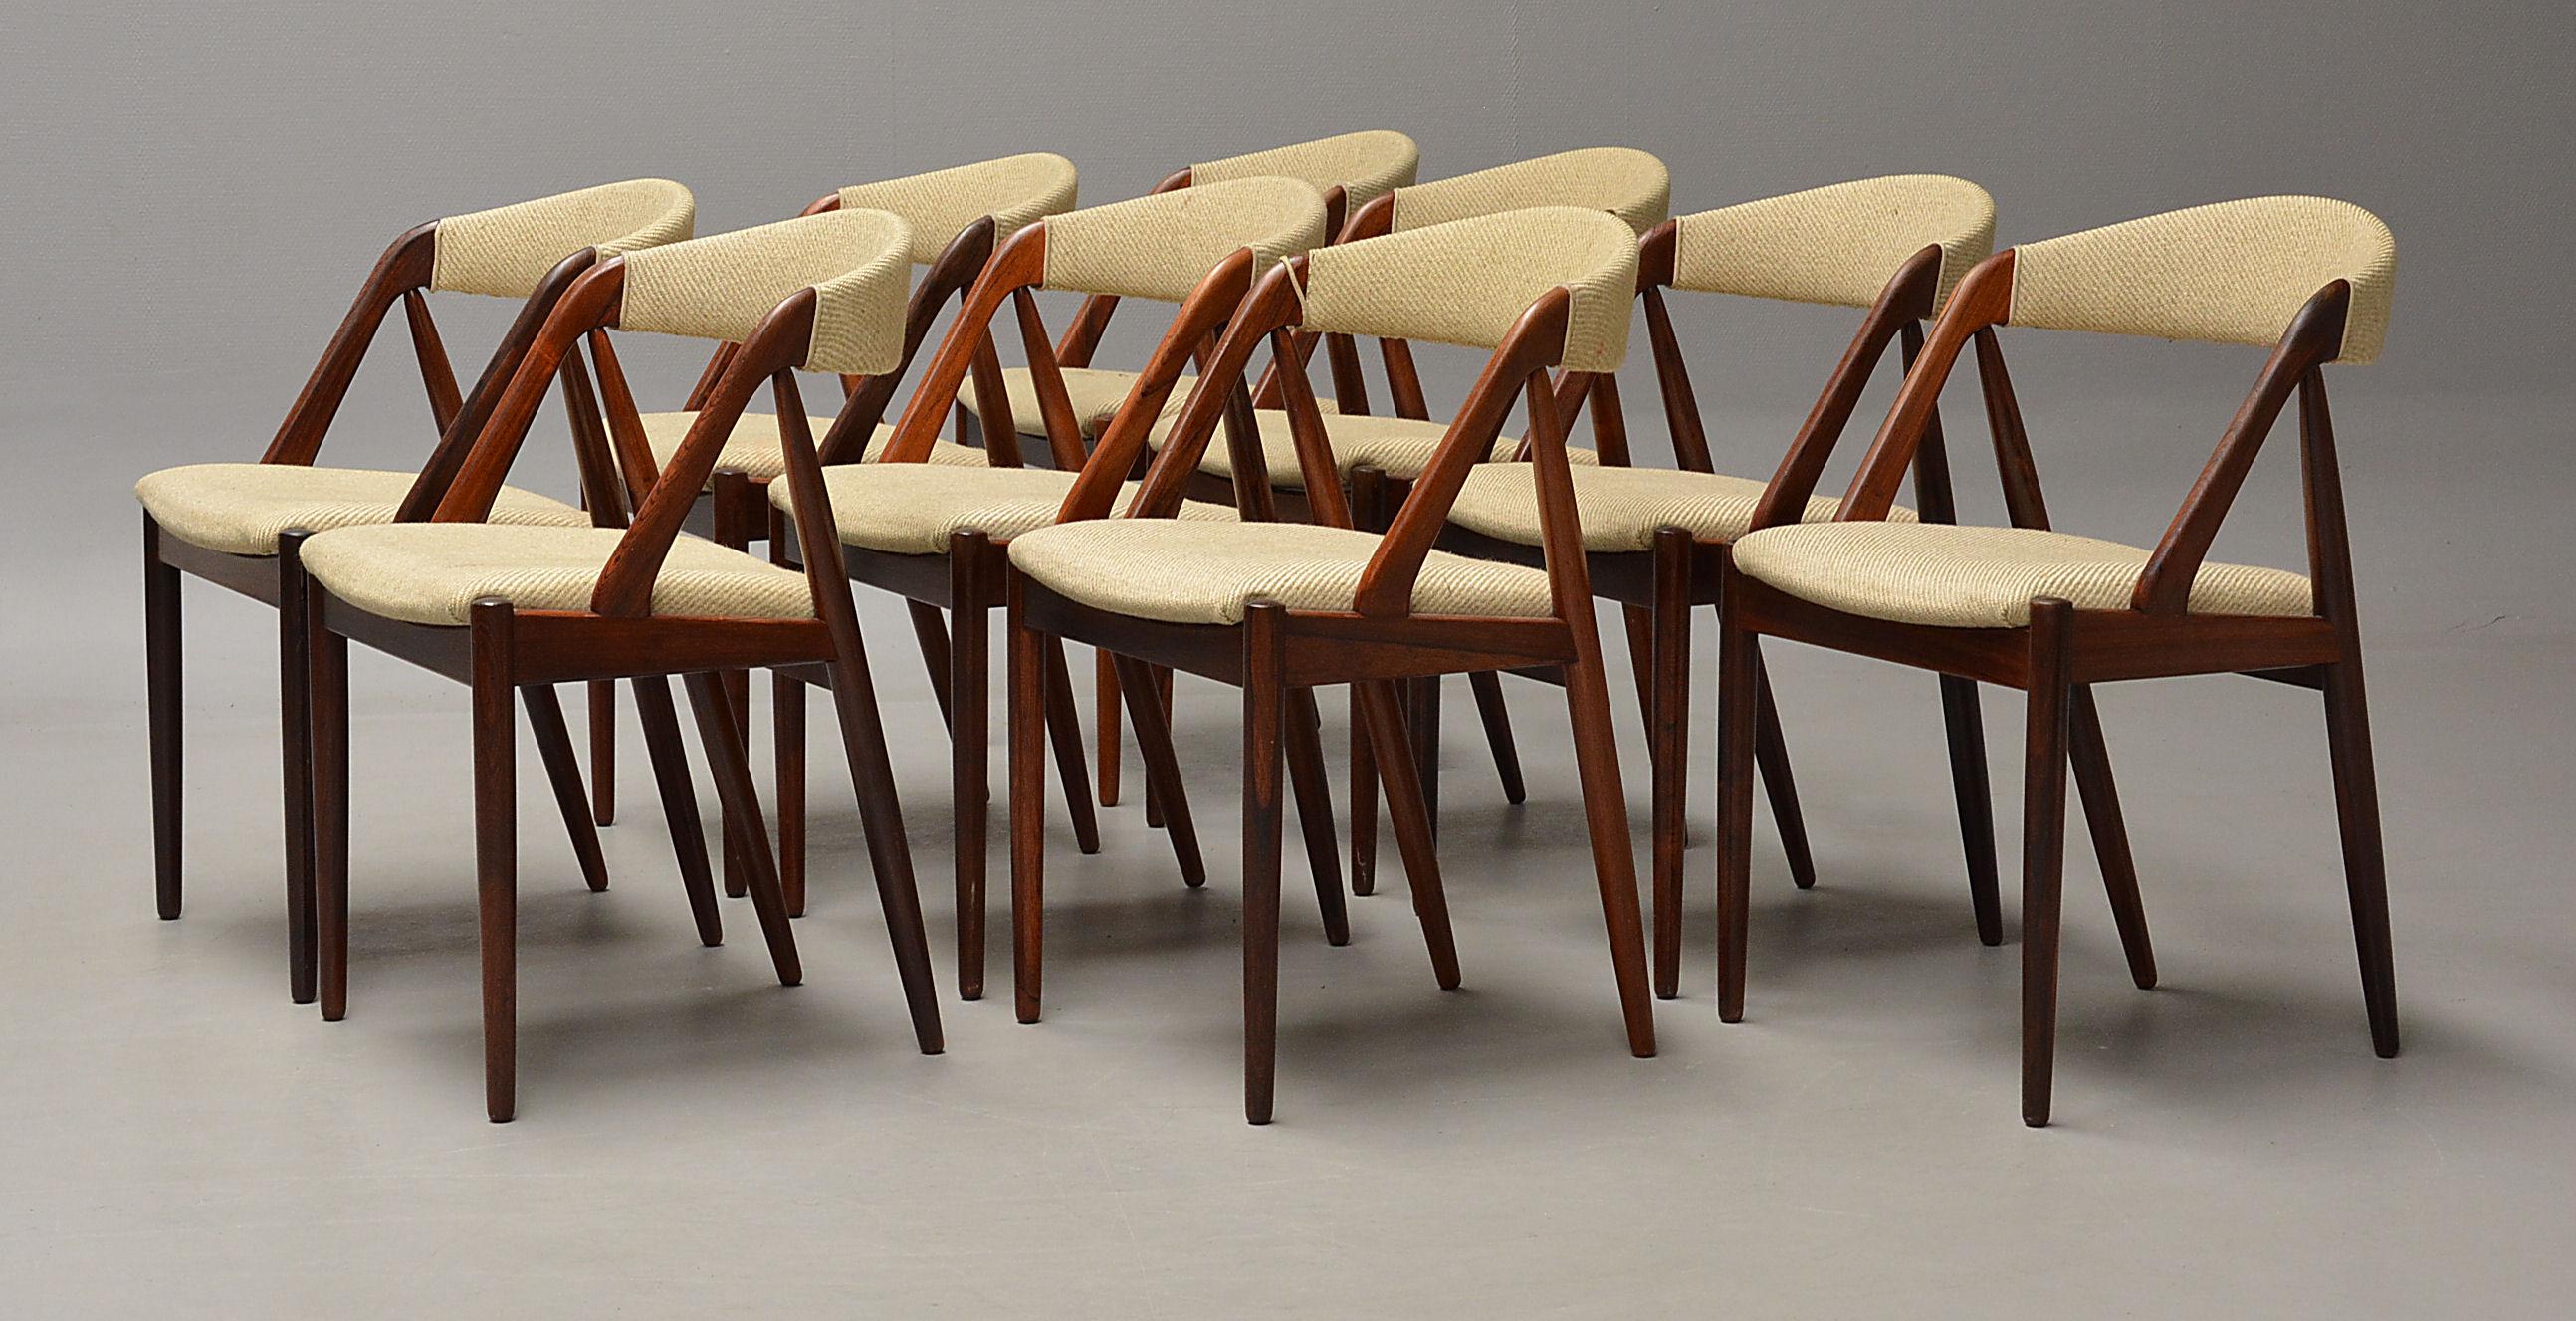 Kai Kristiansen. Sæt på ni stole i palisander - Kai Kristiansen. Sæt på ni stole af massiv palisander betrukket med lyst møbelstof. H. 44/75 cm. Fremstår med brugsspor, sæder med nogle pletter, én stol med løs kæde ved armlæn